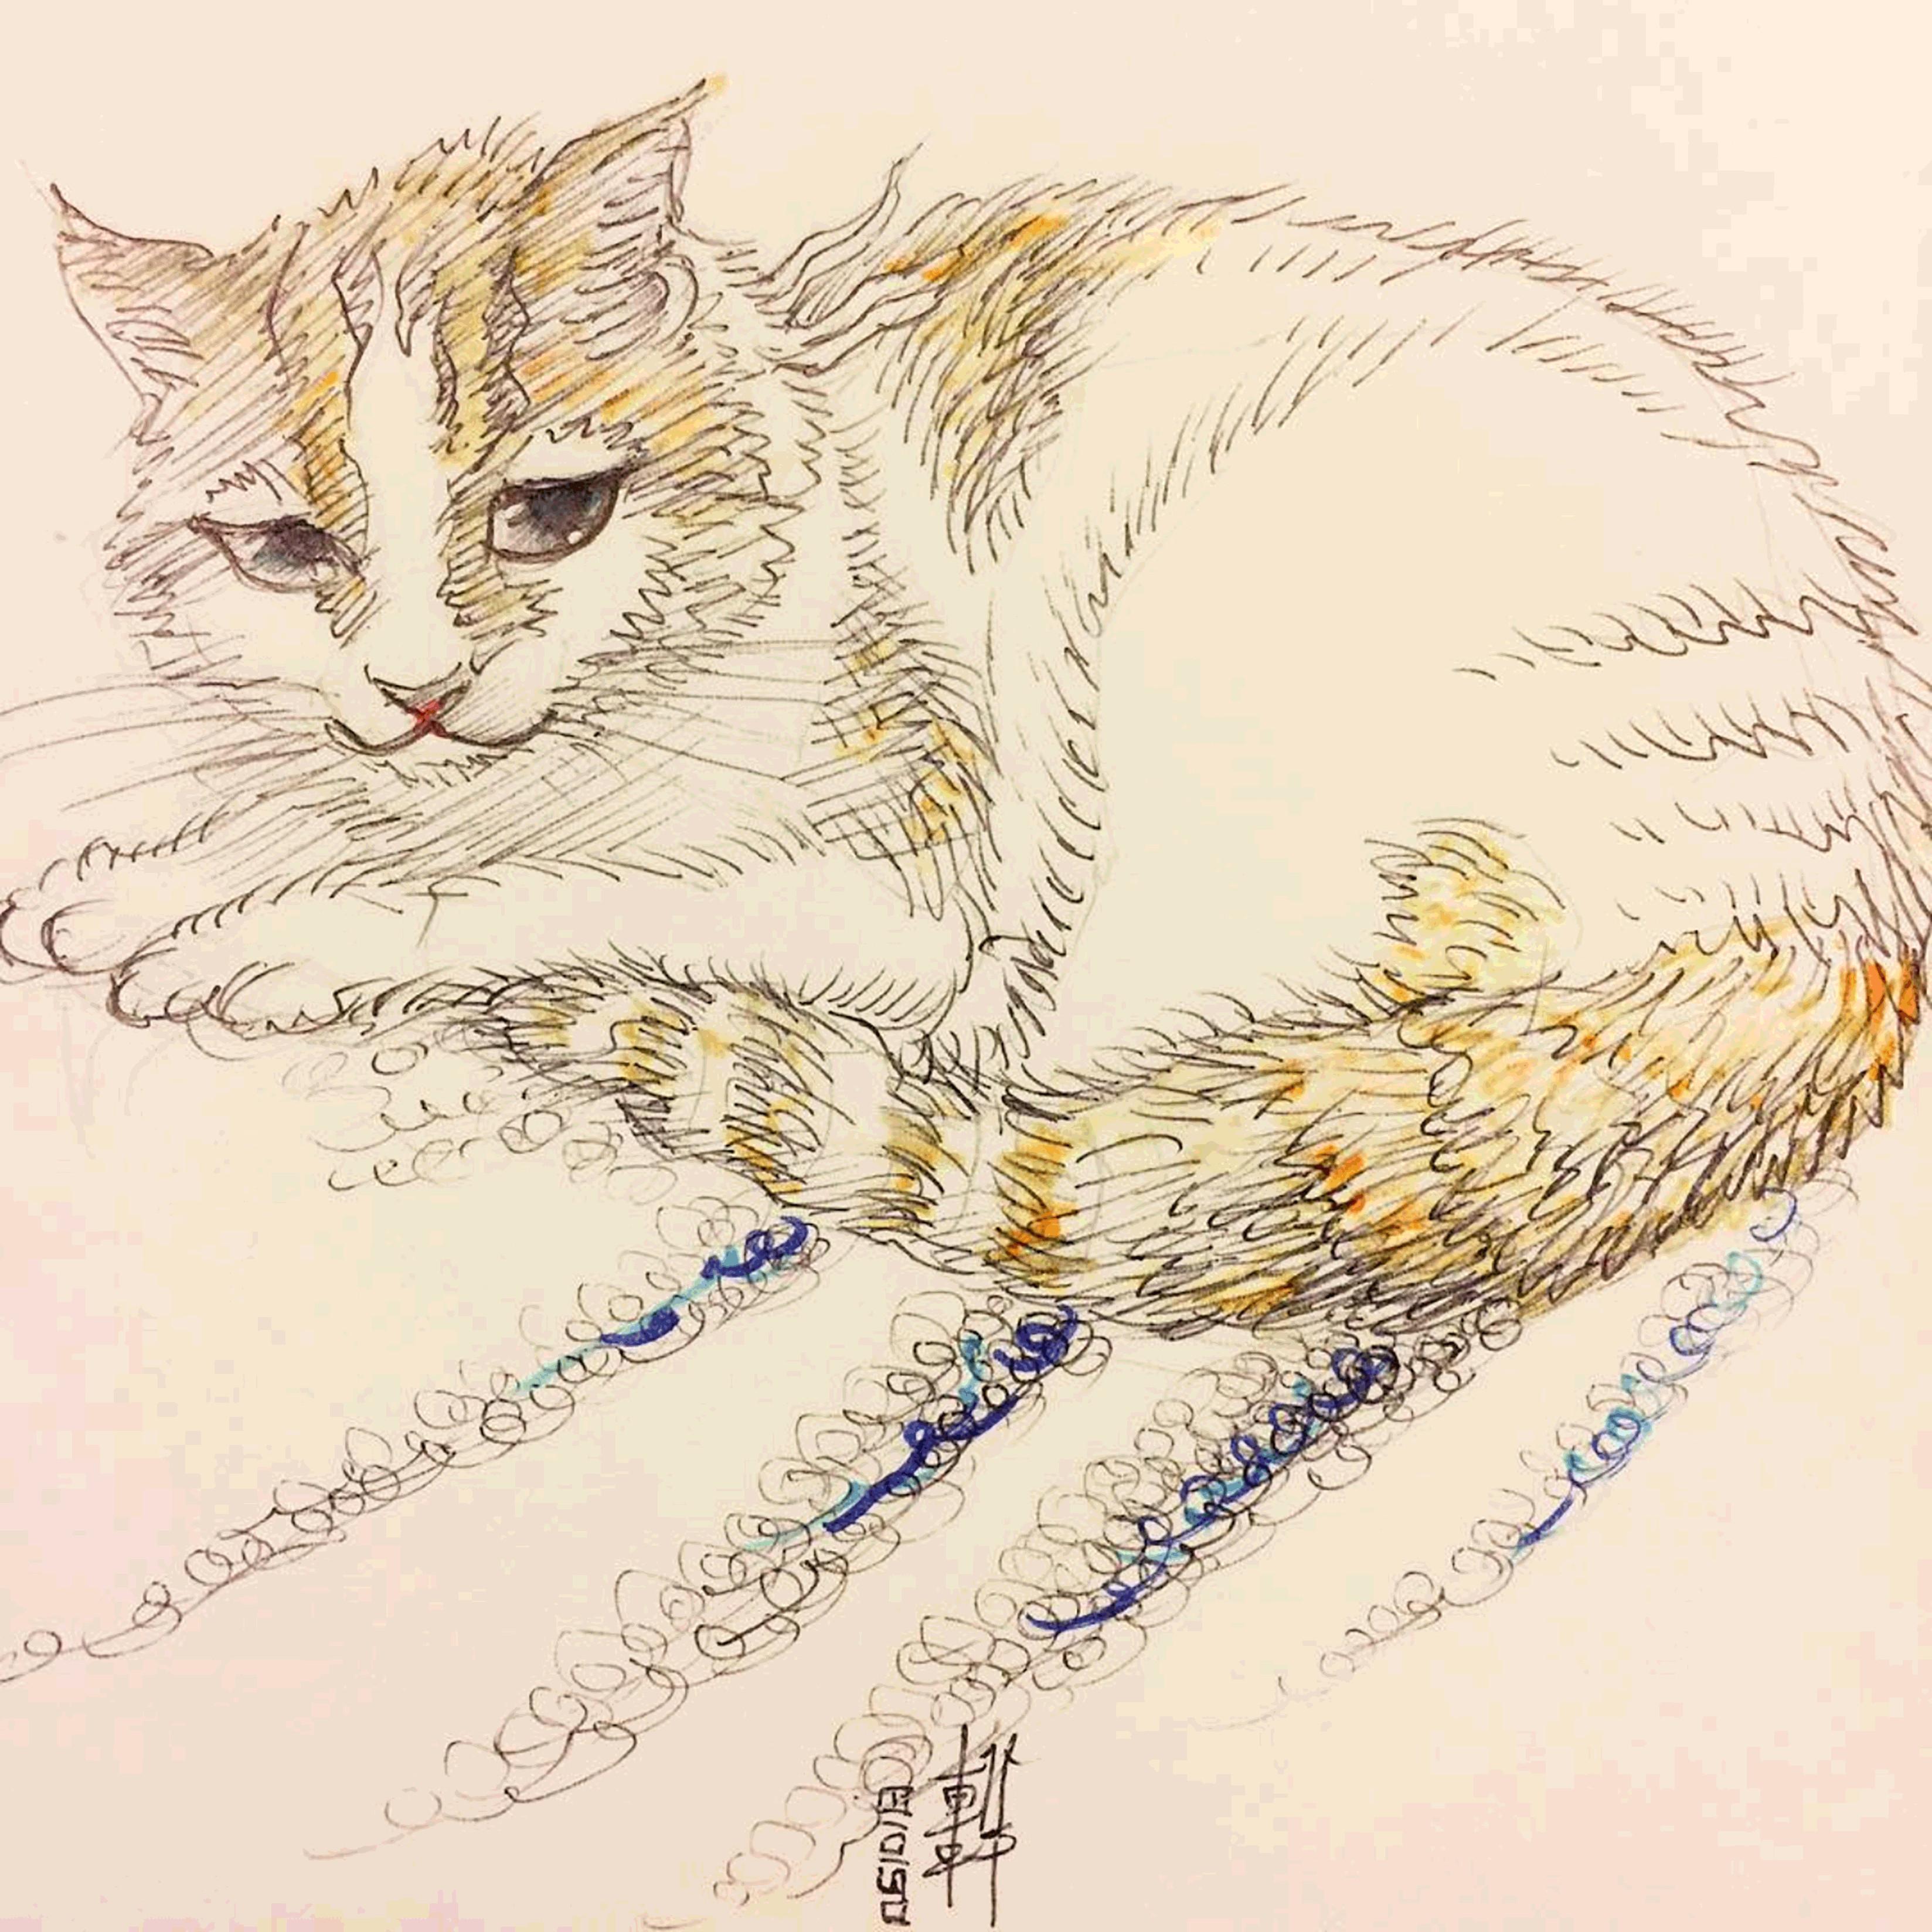 Day 05-10-18 - Sketchy Vi